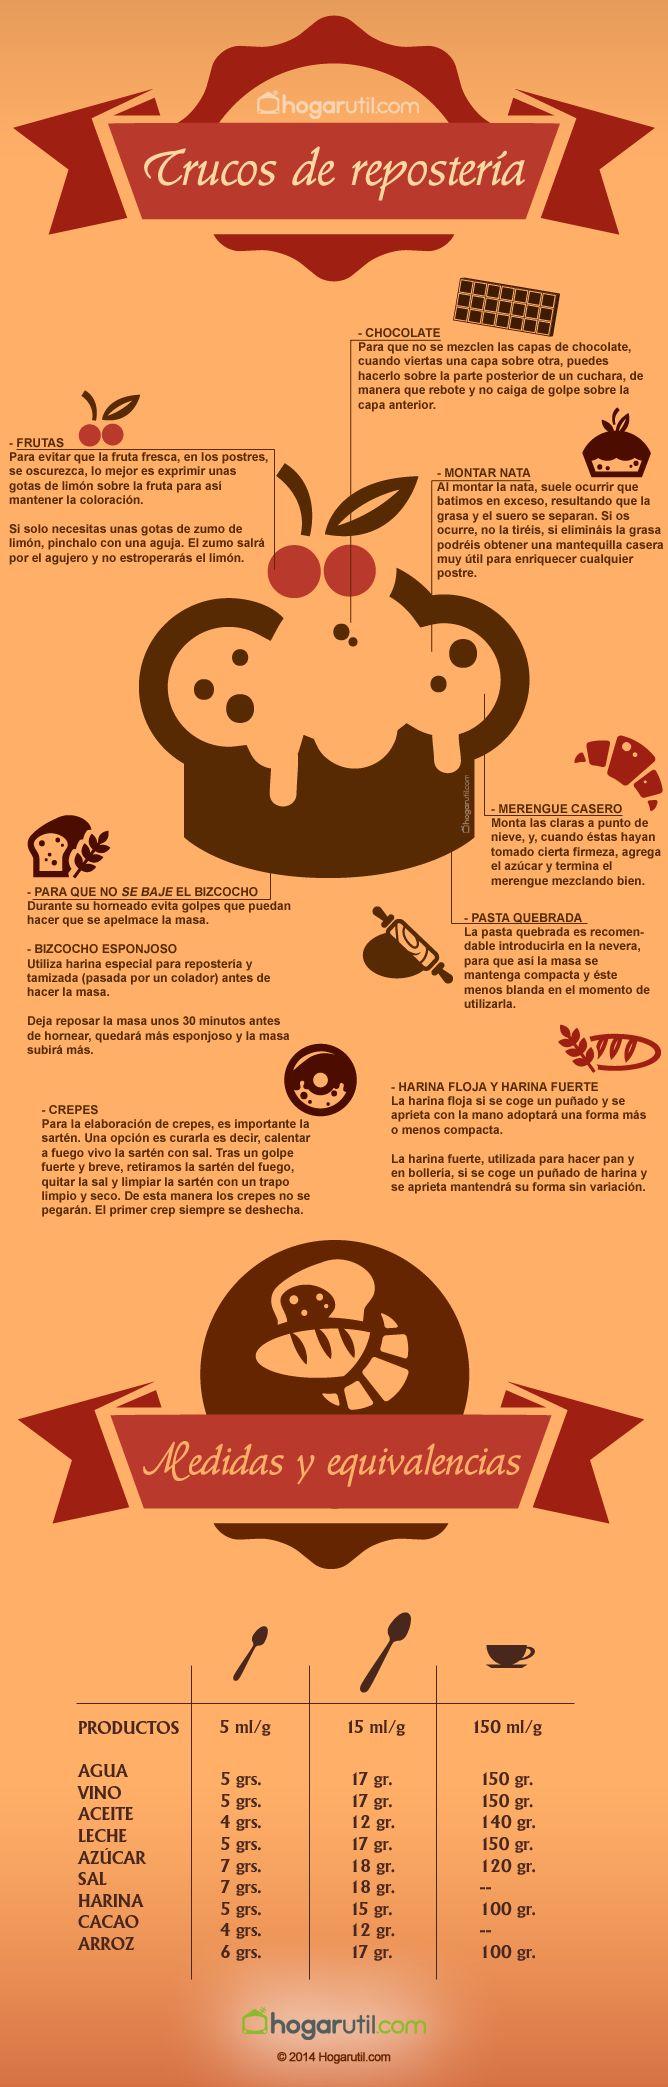 Infografía con trucos de repostería #infografia #reposteria